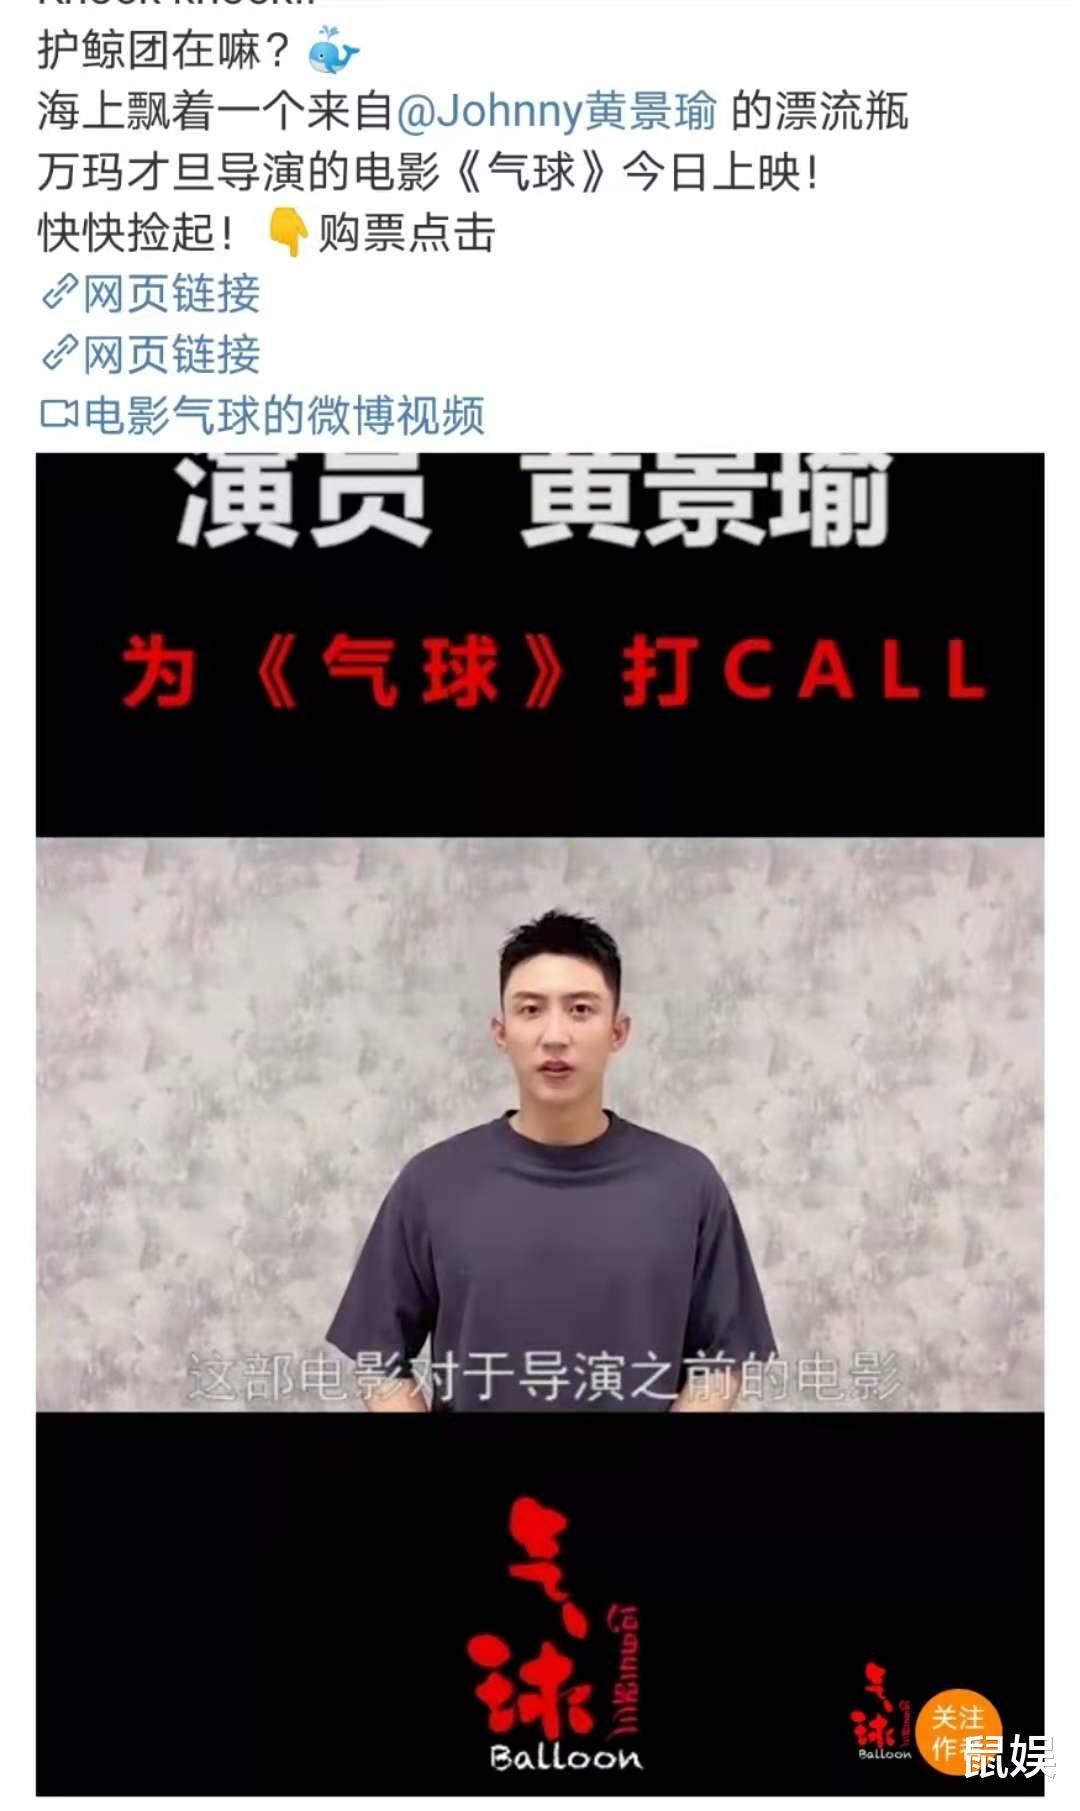 主演联动!肖战黄景瑜宣传电影《气球》,看着瘦了很多插图8